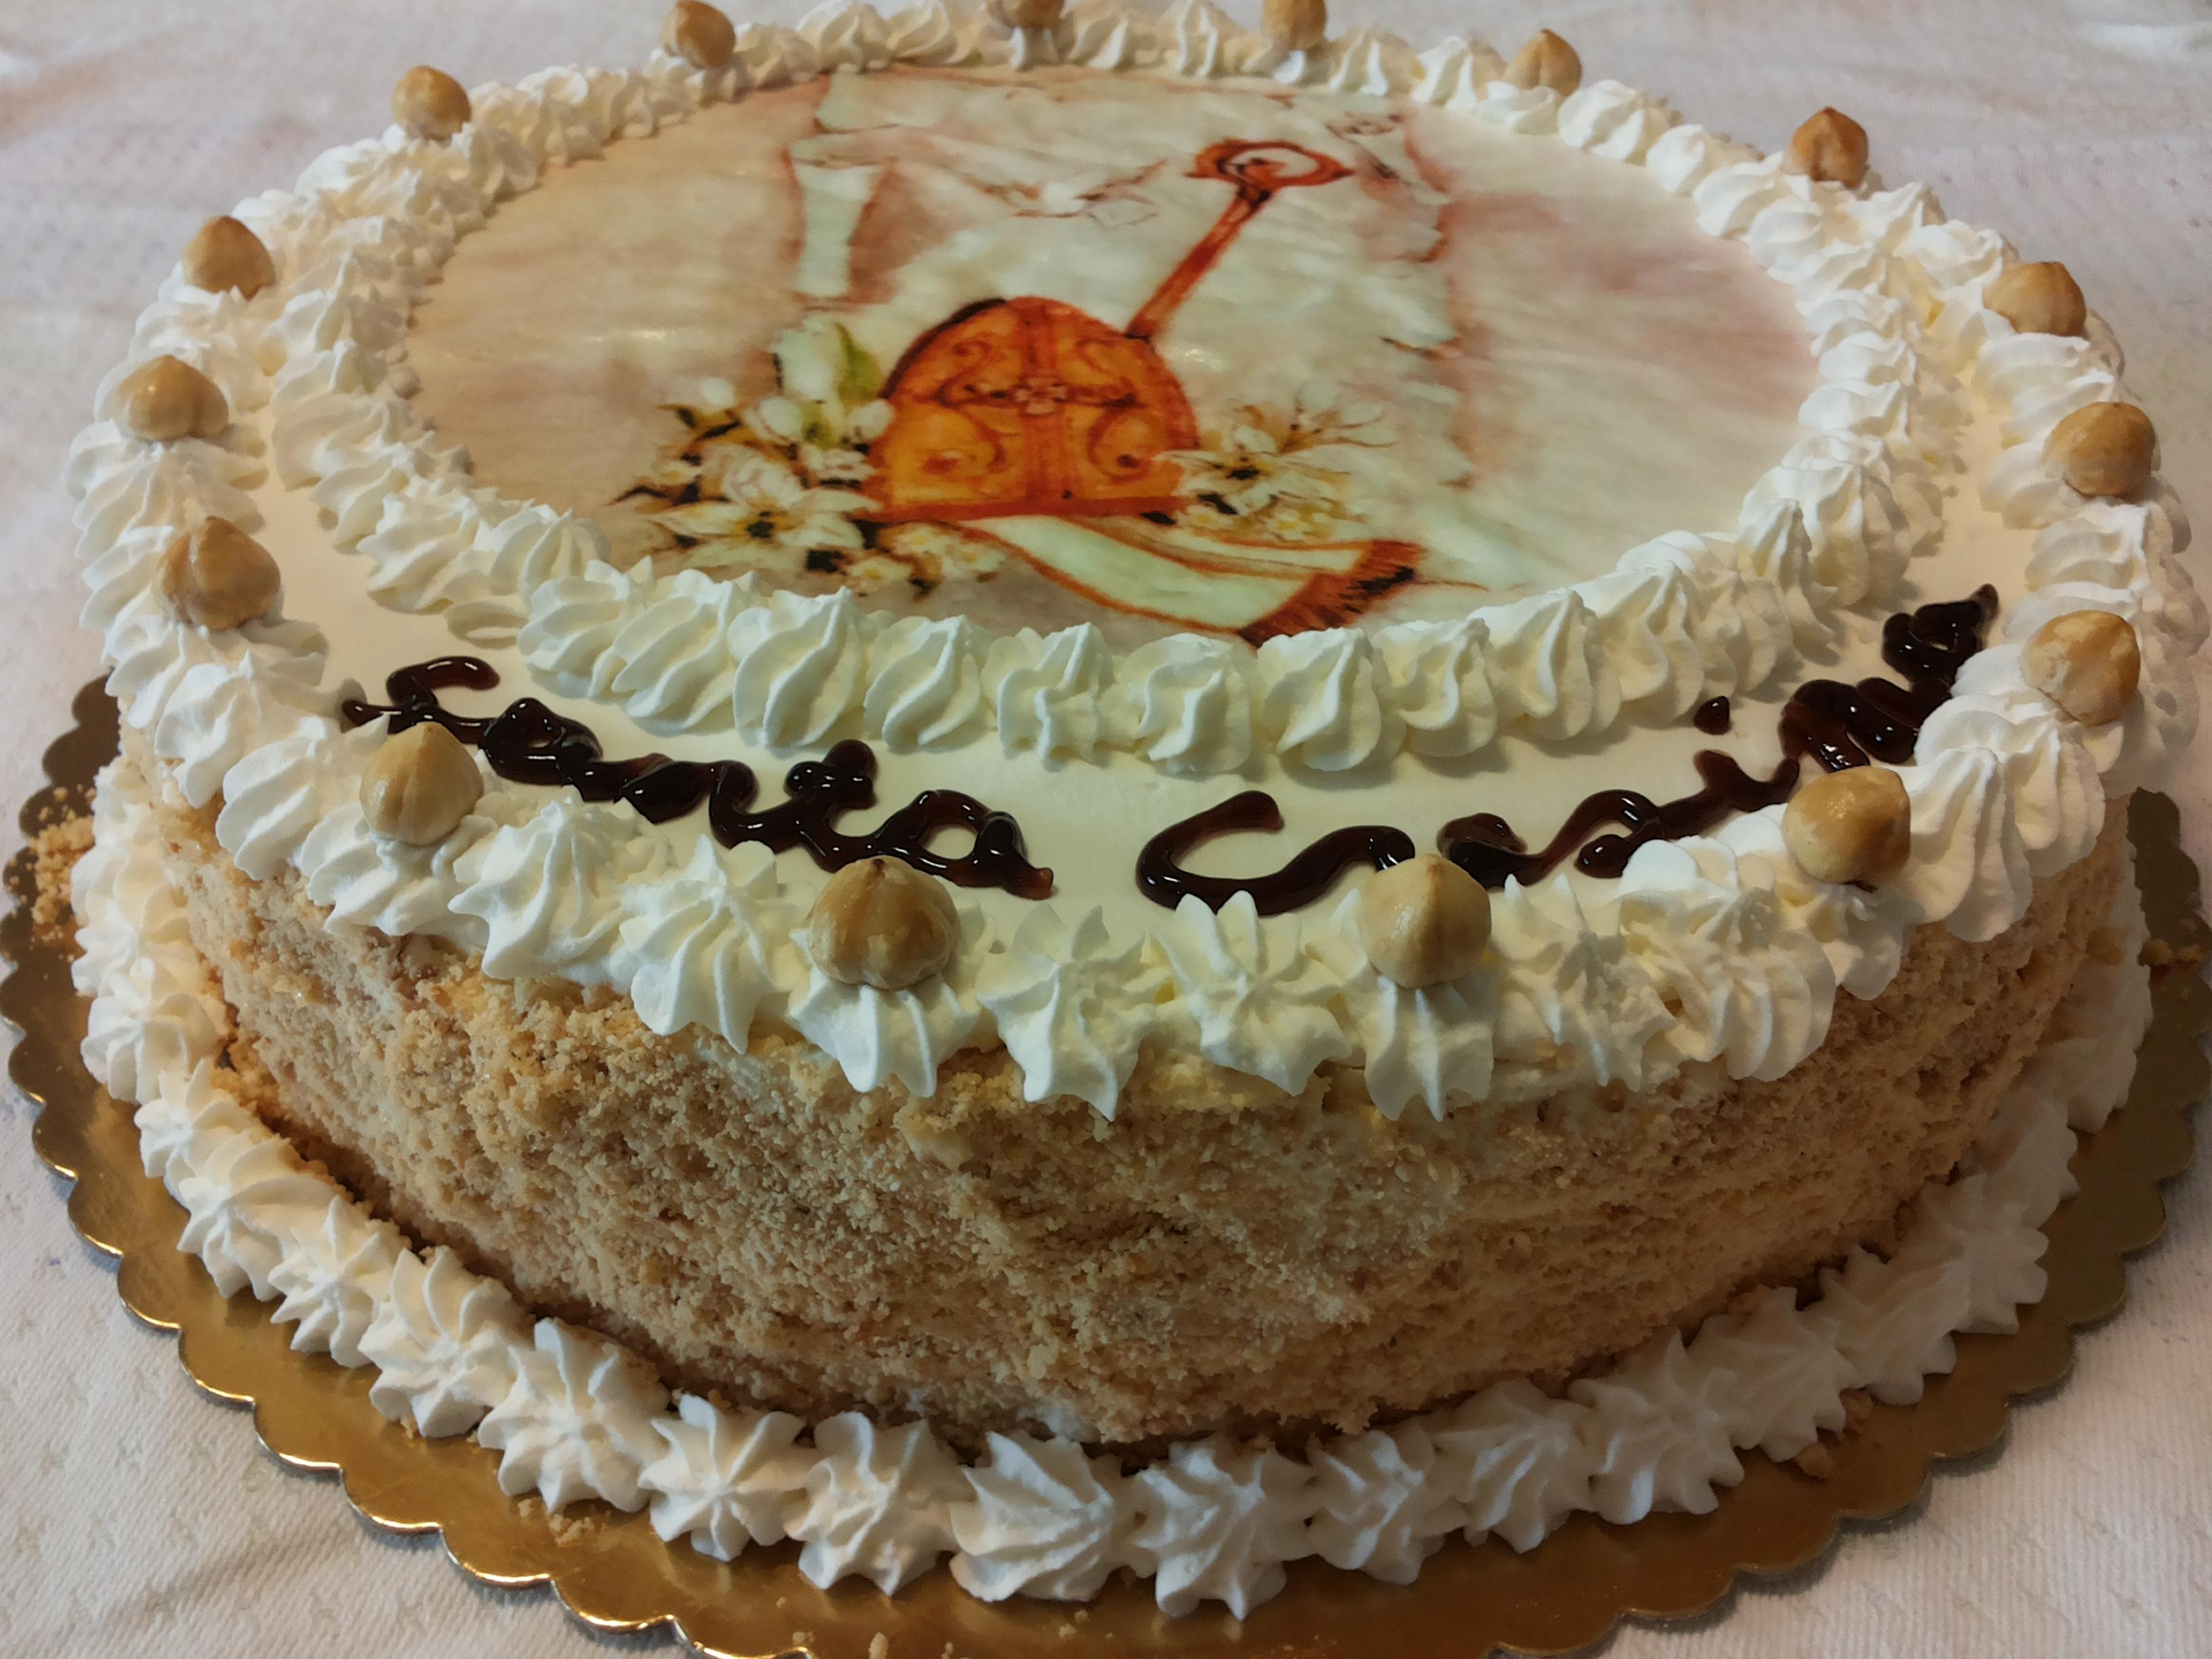 Torta diplomatica vaniglia e cioccolato zucchero for Decorazioni di torte con panna montata